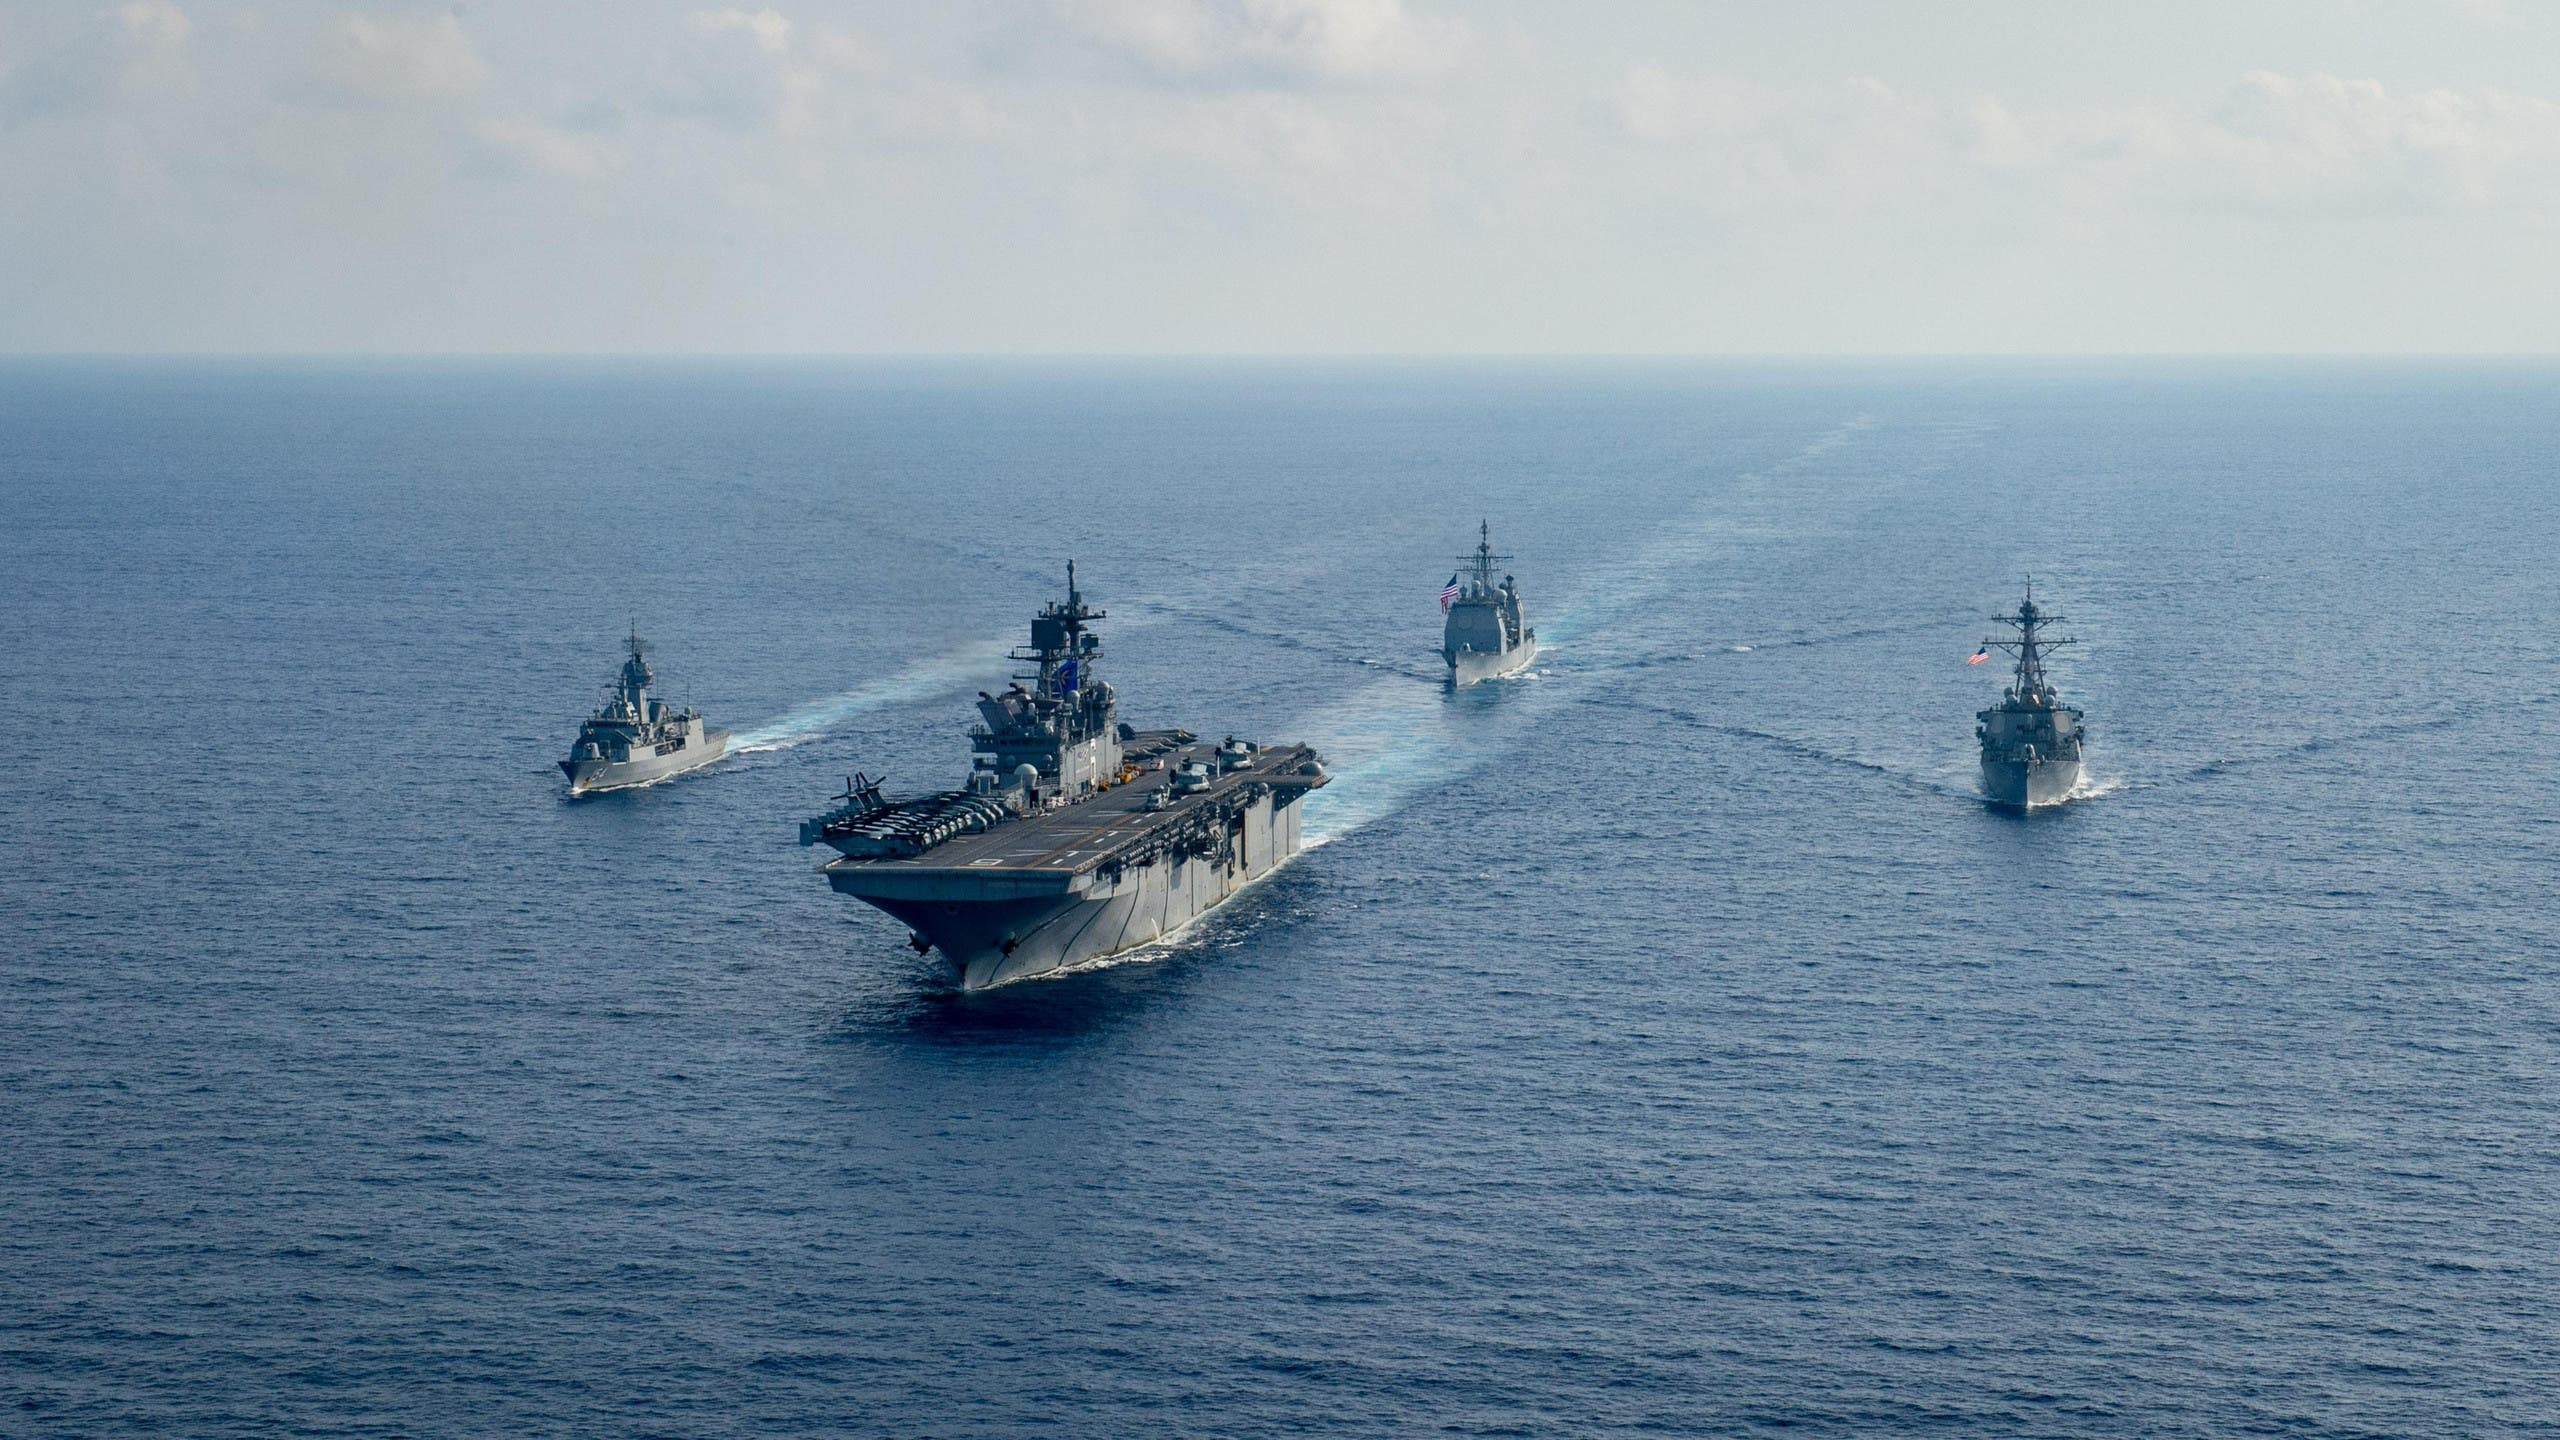 سفن حربية أميركية وأستراليا في بحر الصين الجنوبي